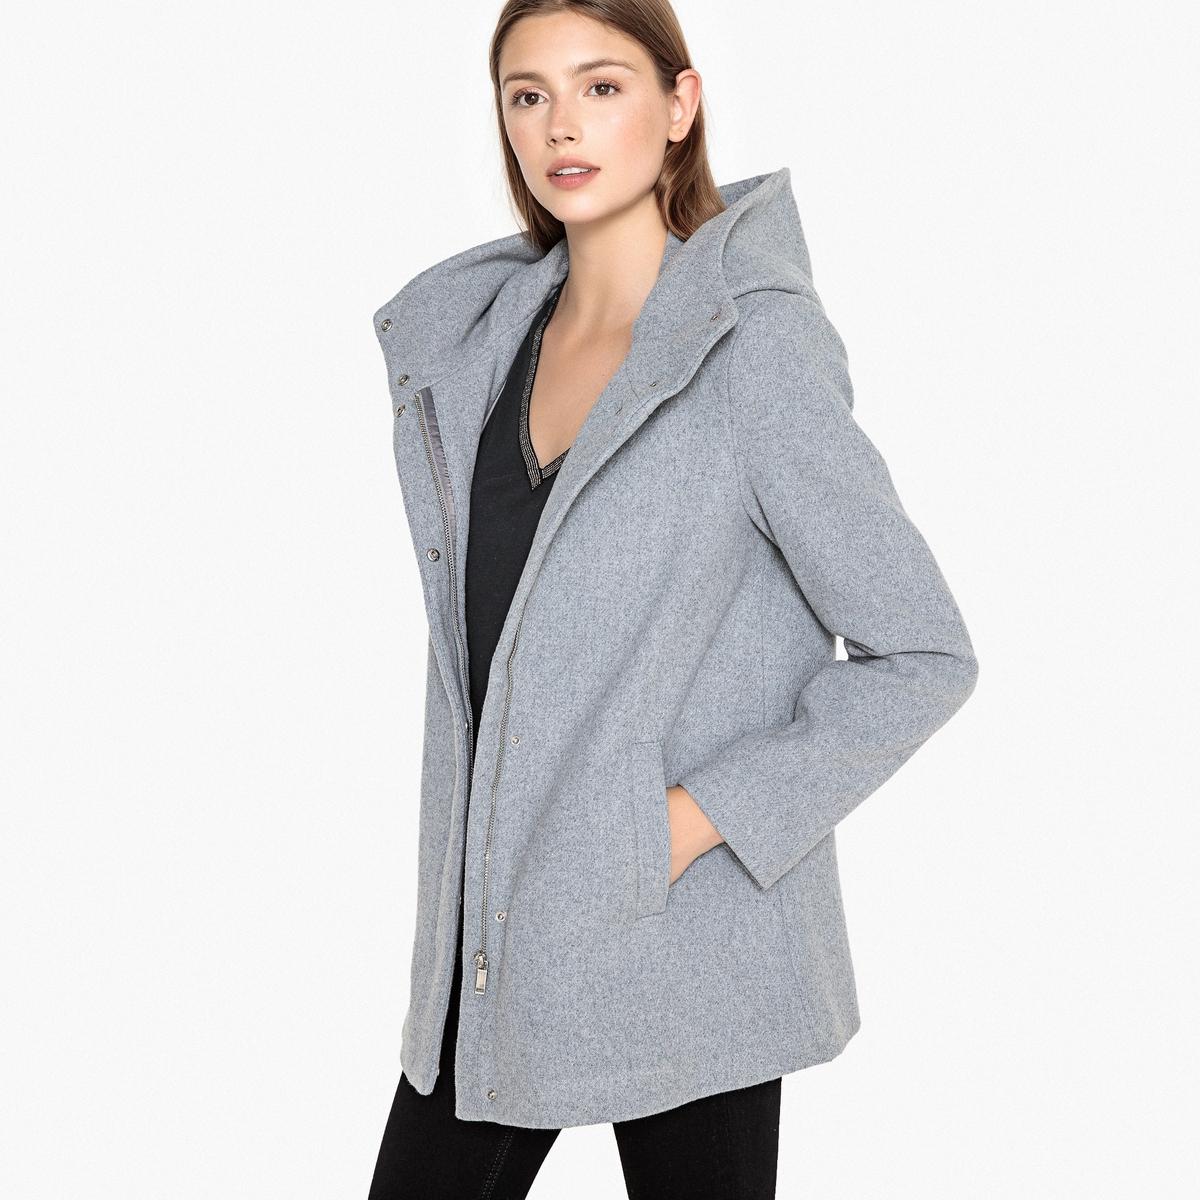 Пальто с воротником-стойкой из шерстяного драпа пальто зимнее из шерстяного драпа